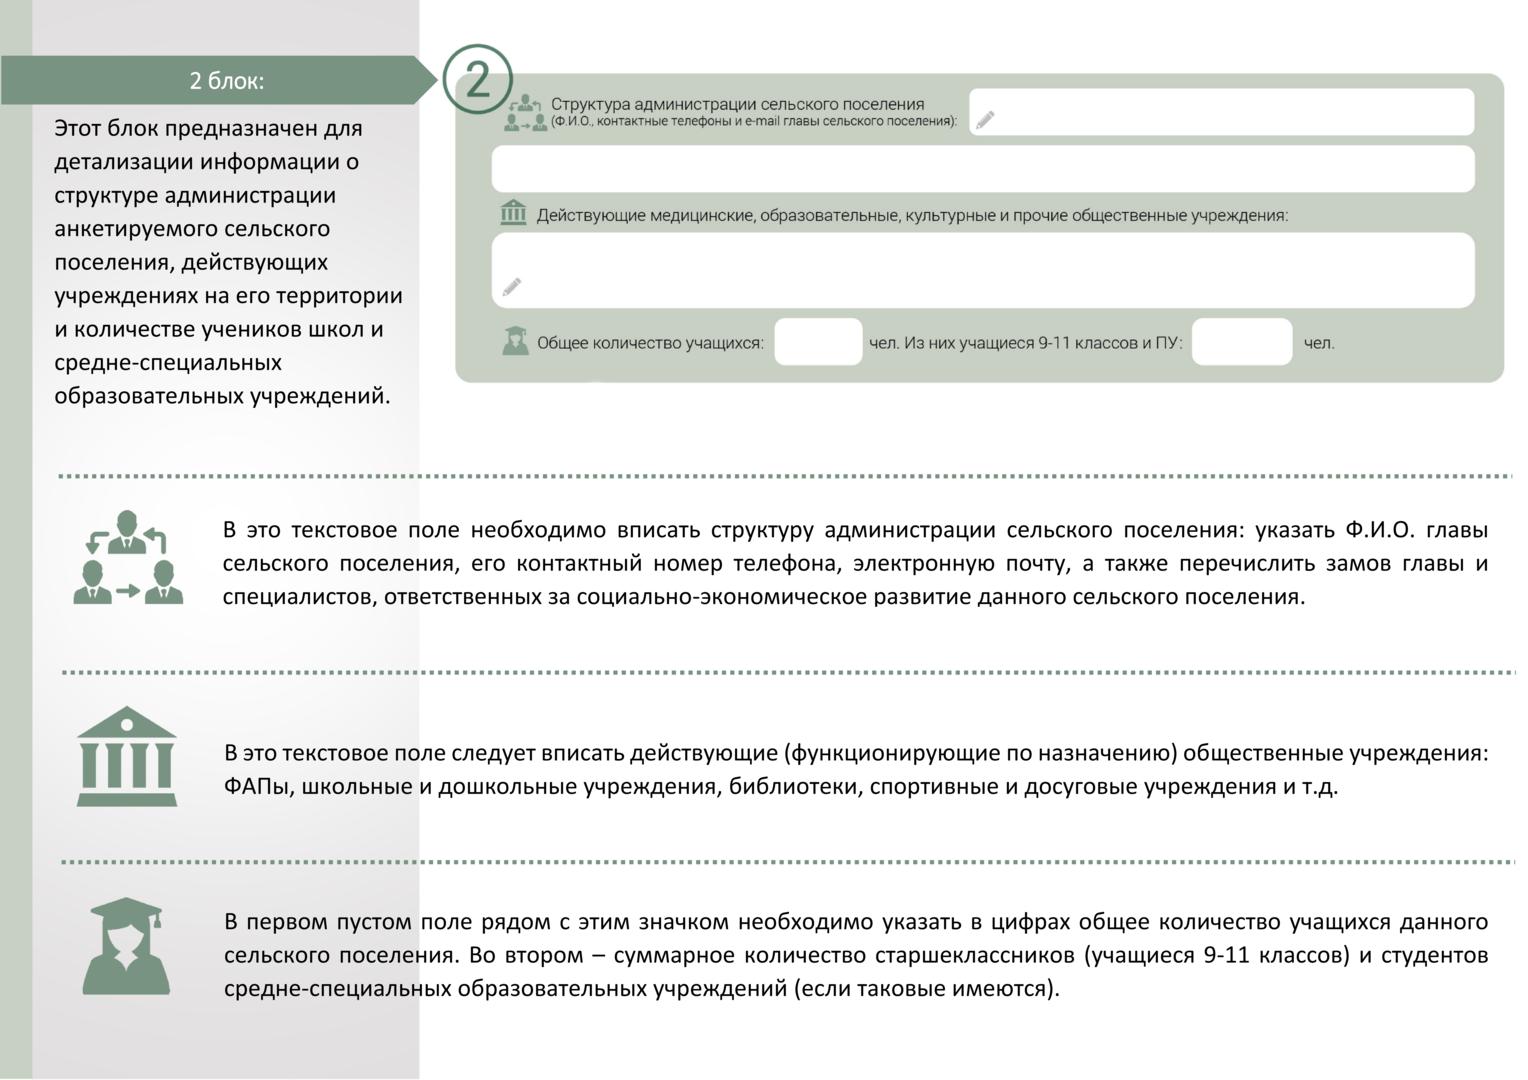 instruktsia_gotov_003